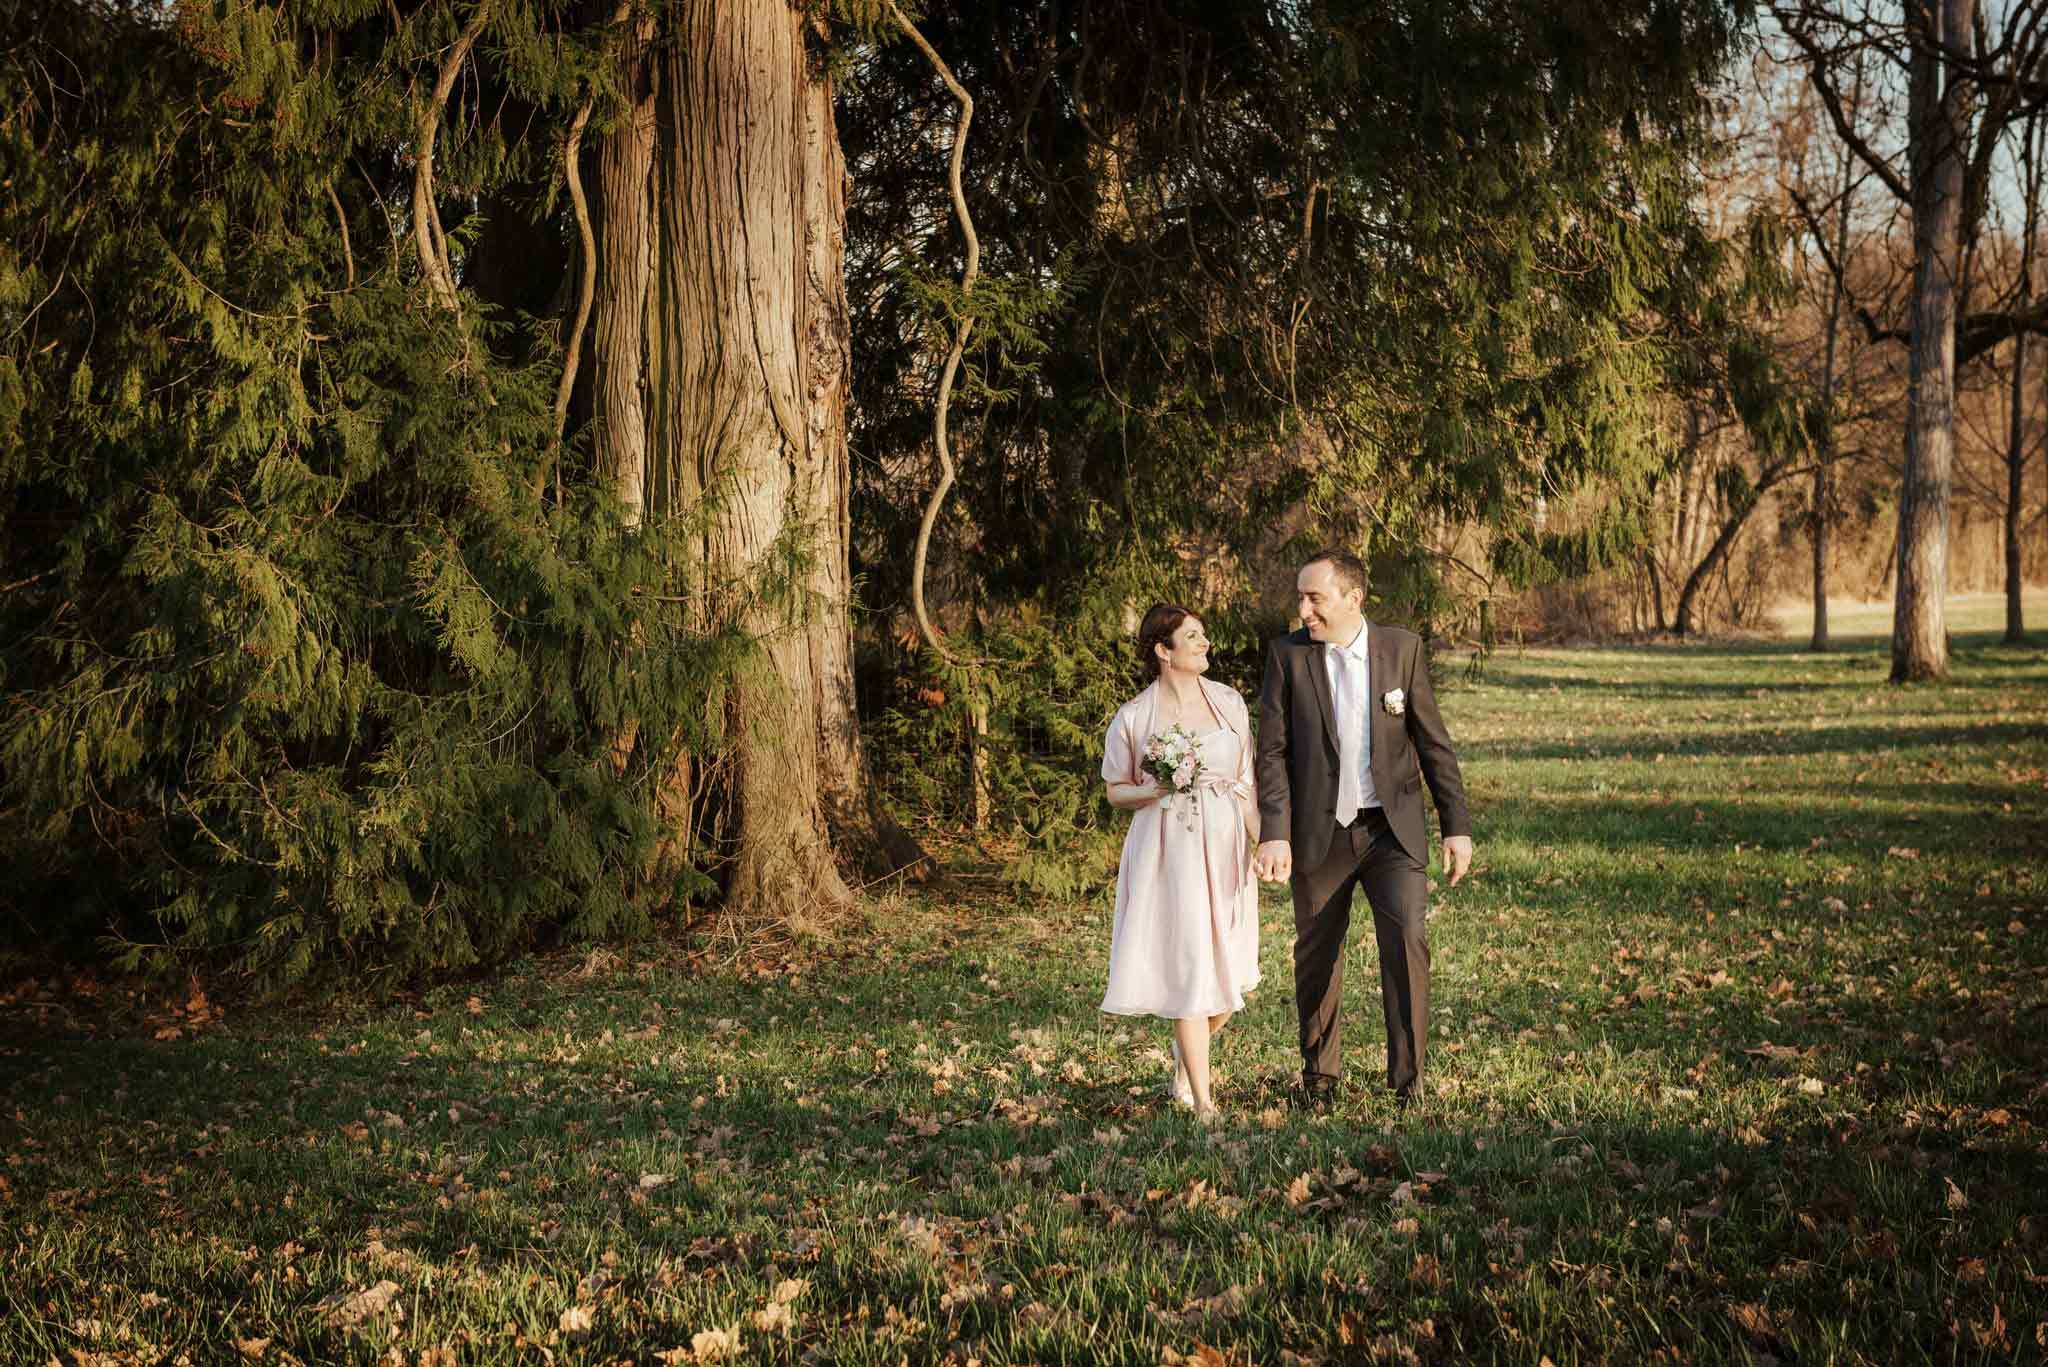 11i-photography Hochzeitsfotograf Aargau